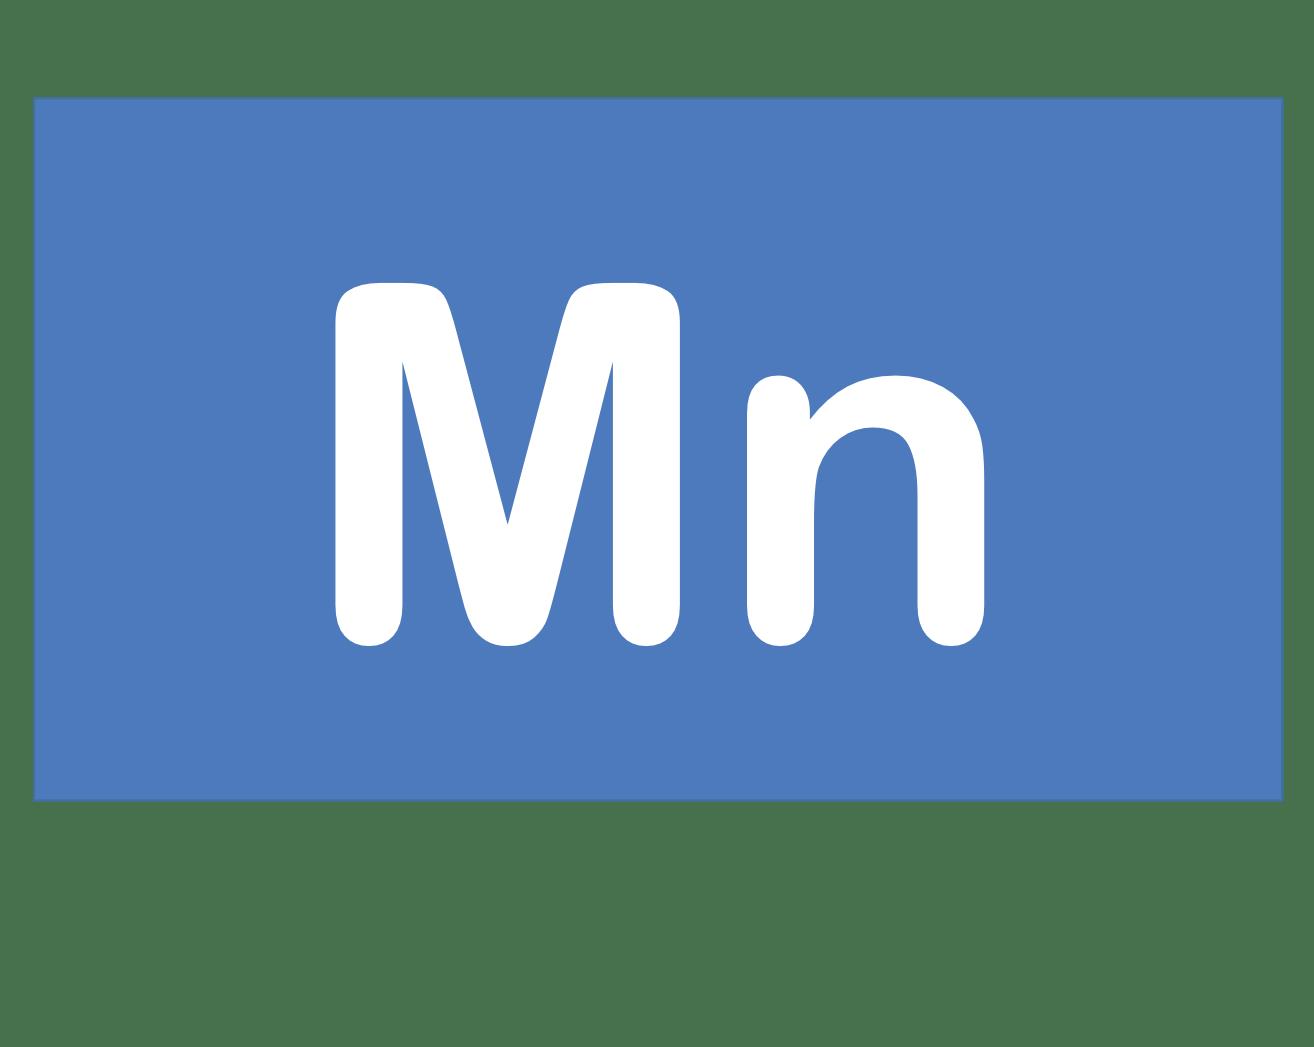 25 Mn マンガン Manganese 元素 記号 周期表 化学 原子